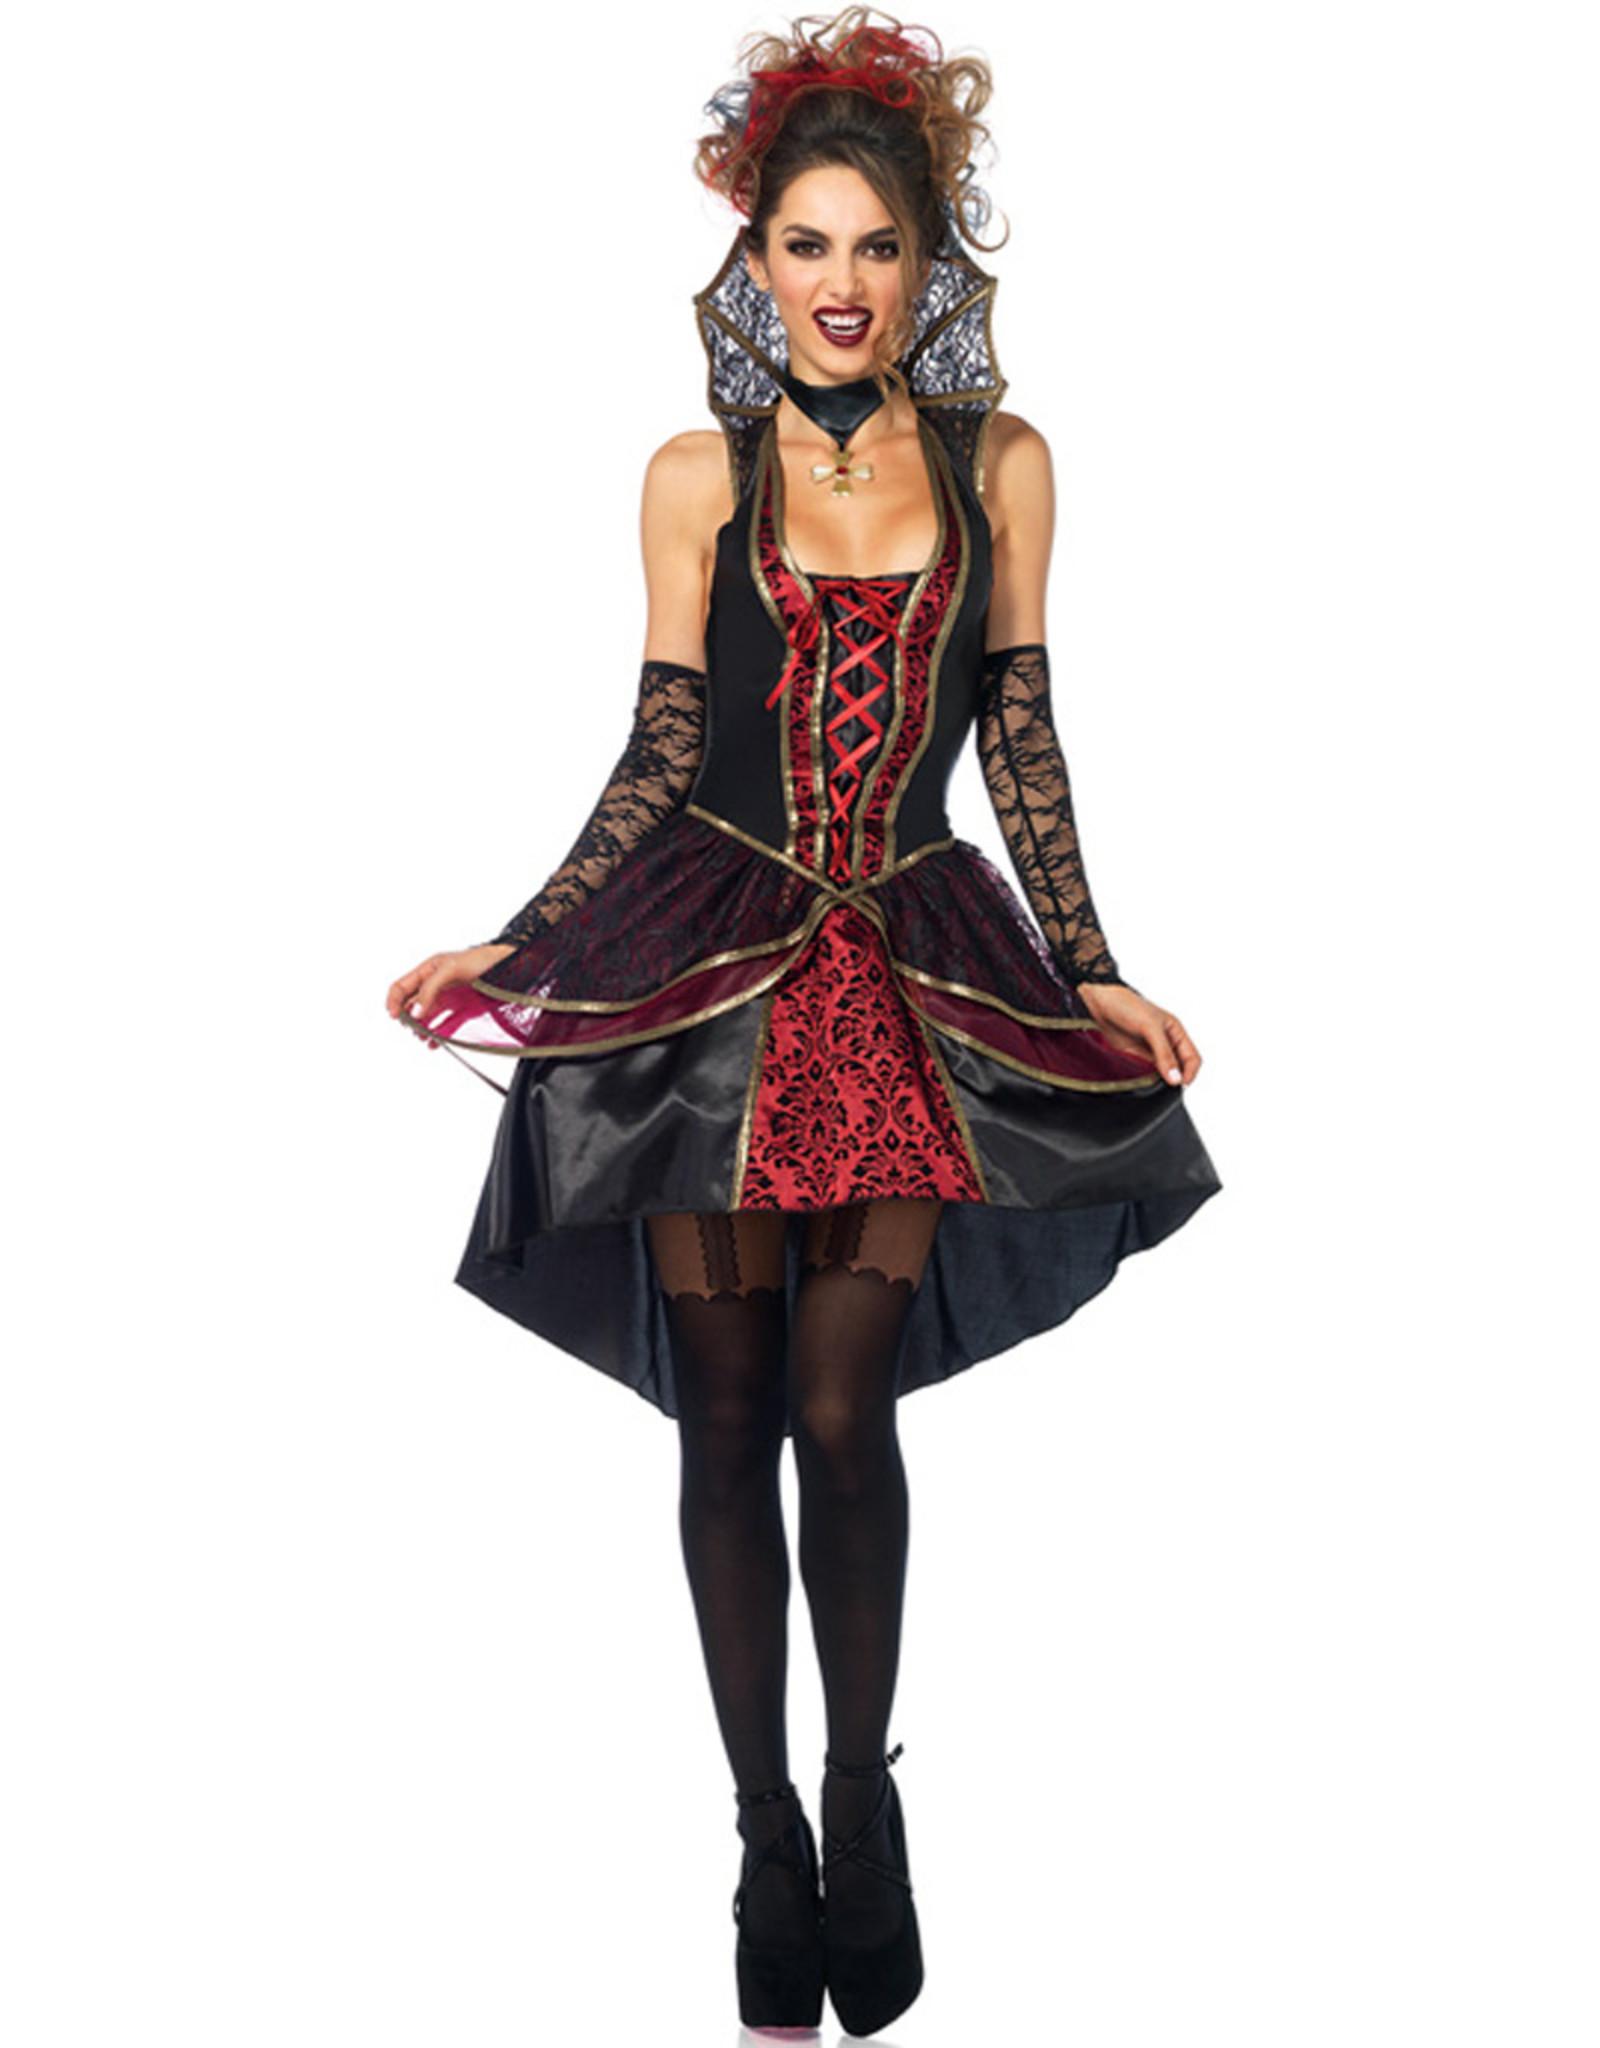 Vampire Queen Costume - Women's